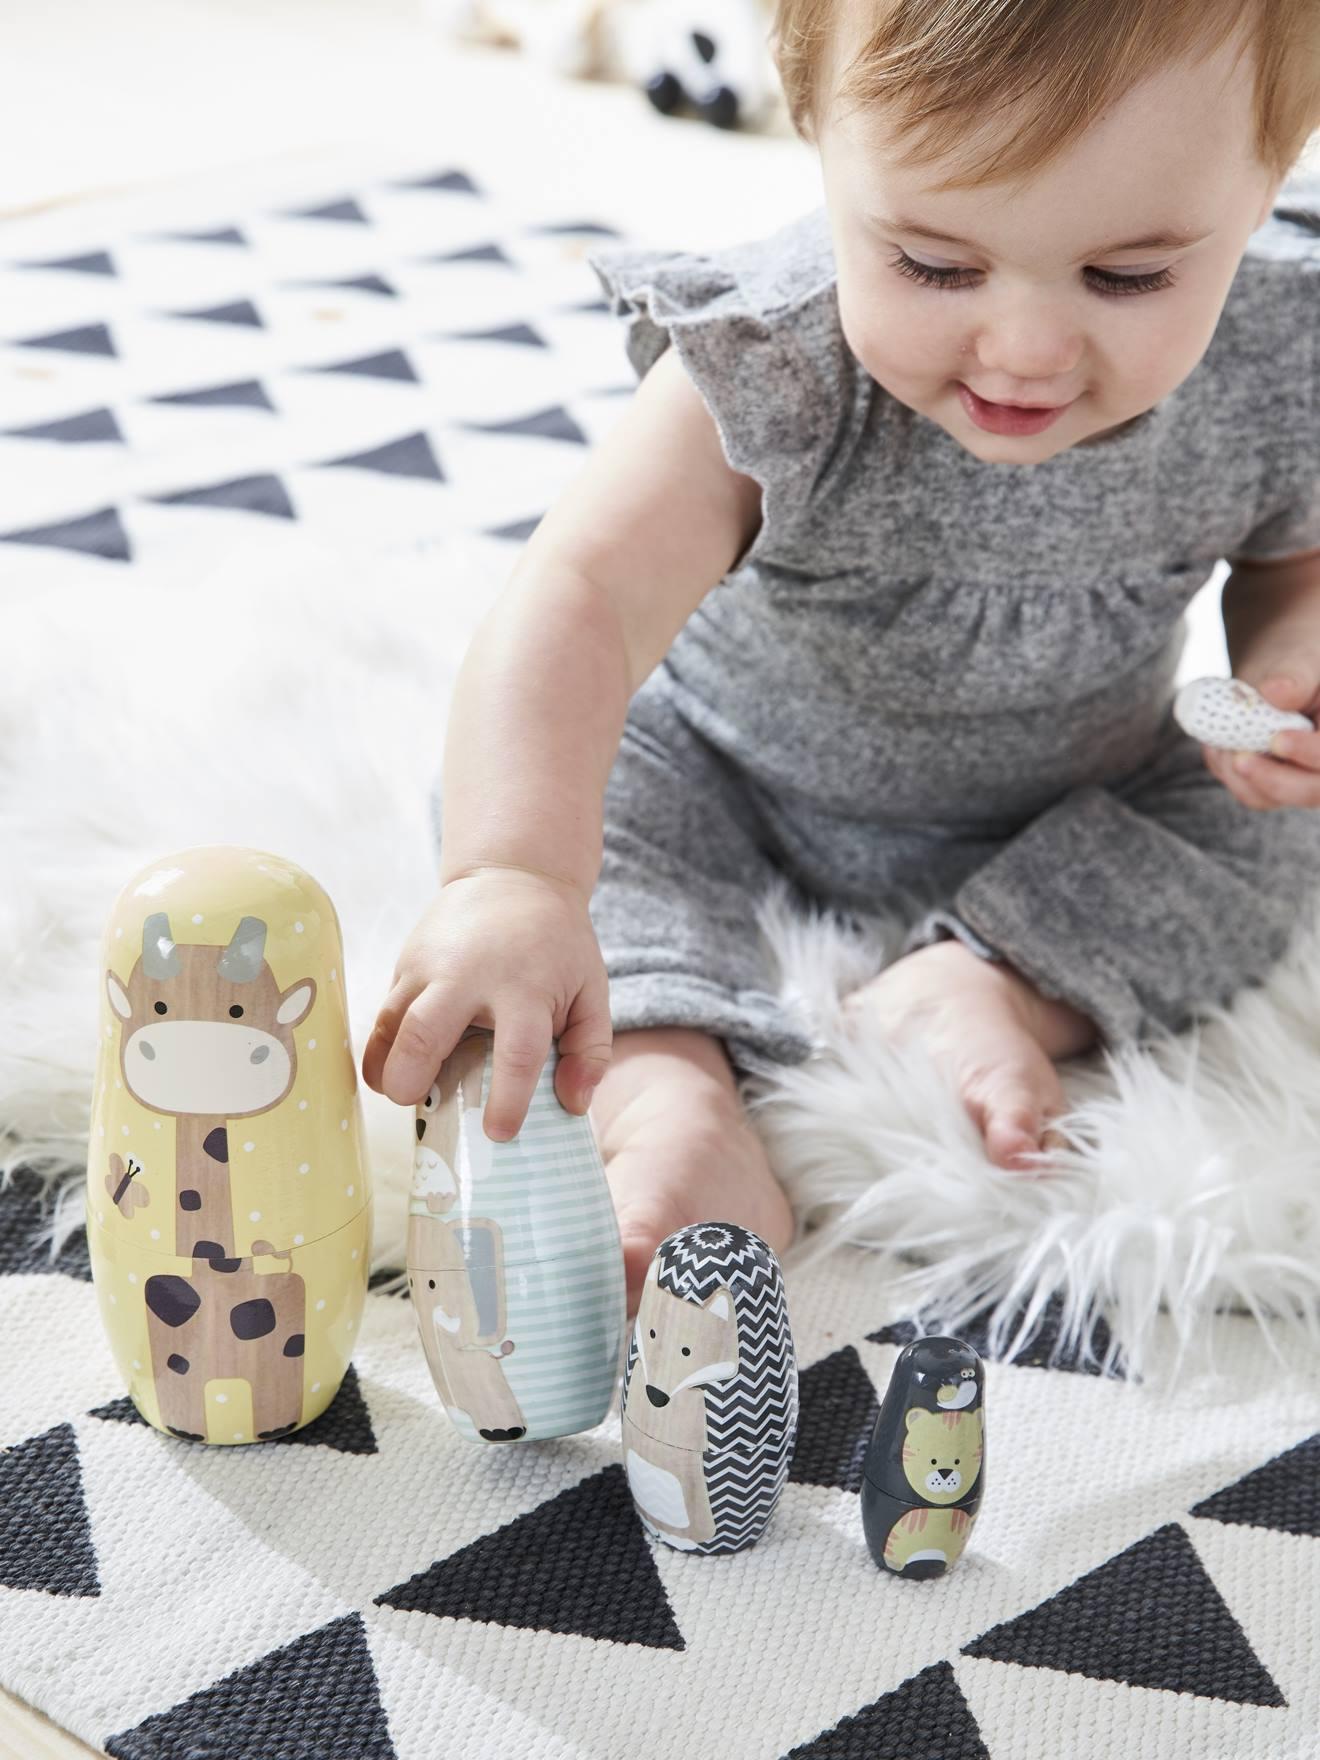 petite fille joue avec boites animaux gigogne en bois